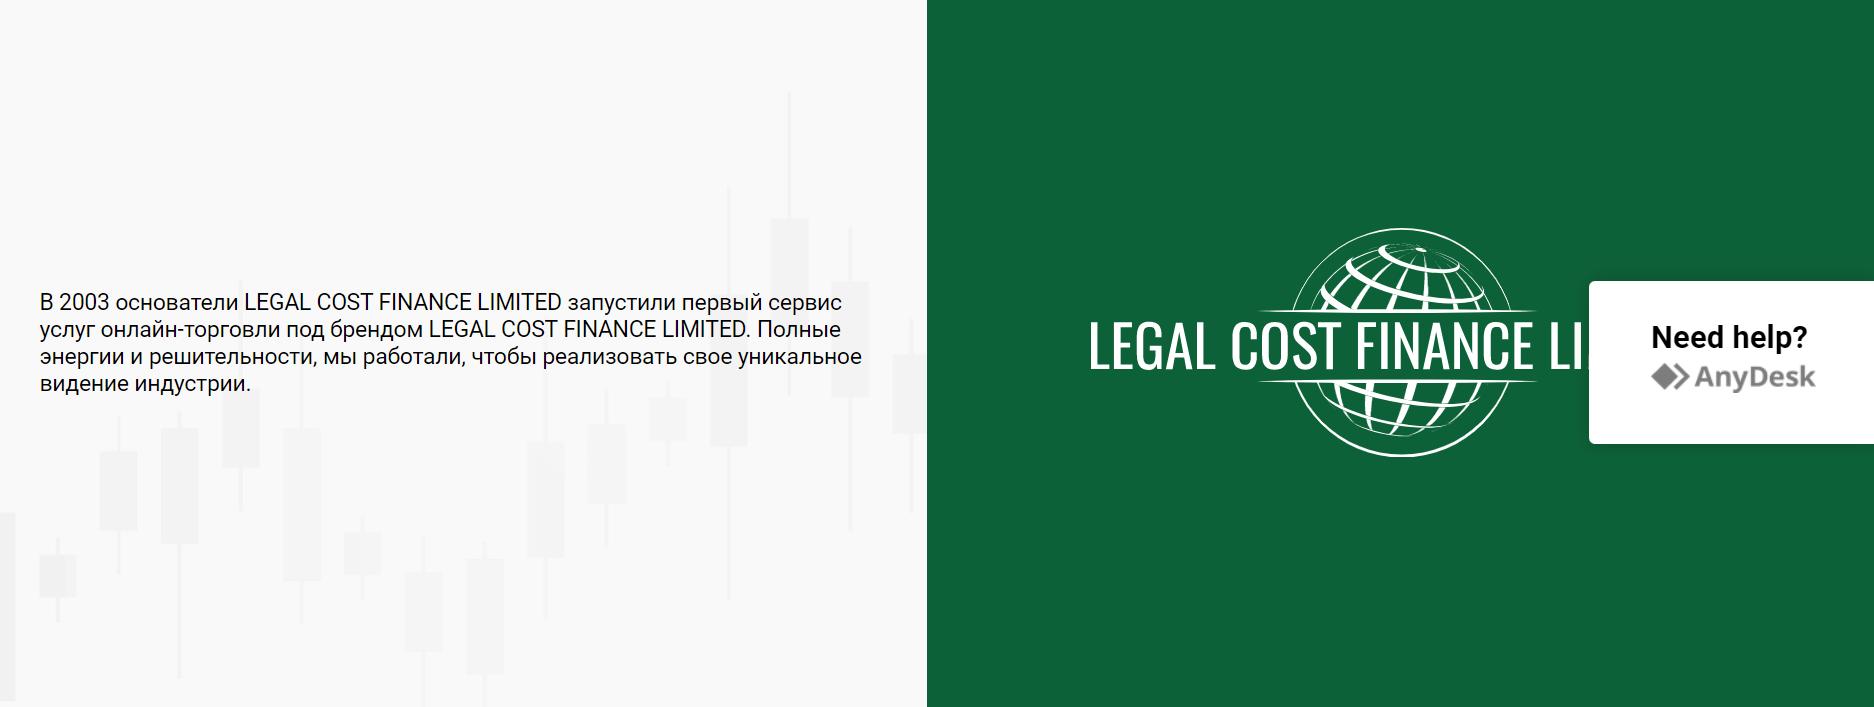 Отзывы о Legal Cost FInance Limited: надежный посредник  или обман? обзор